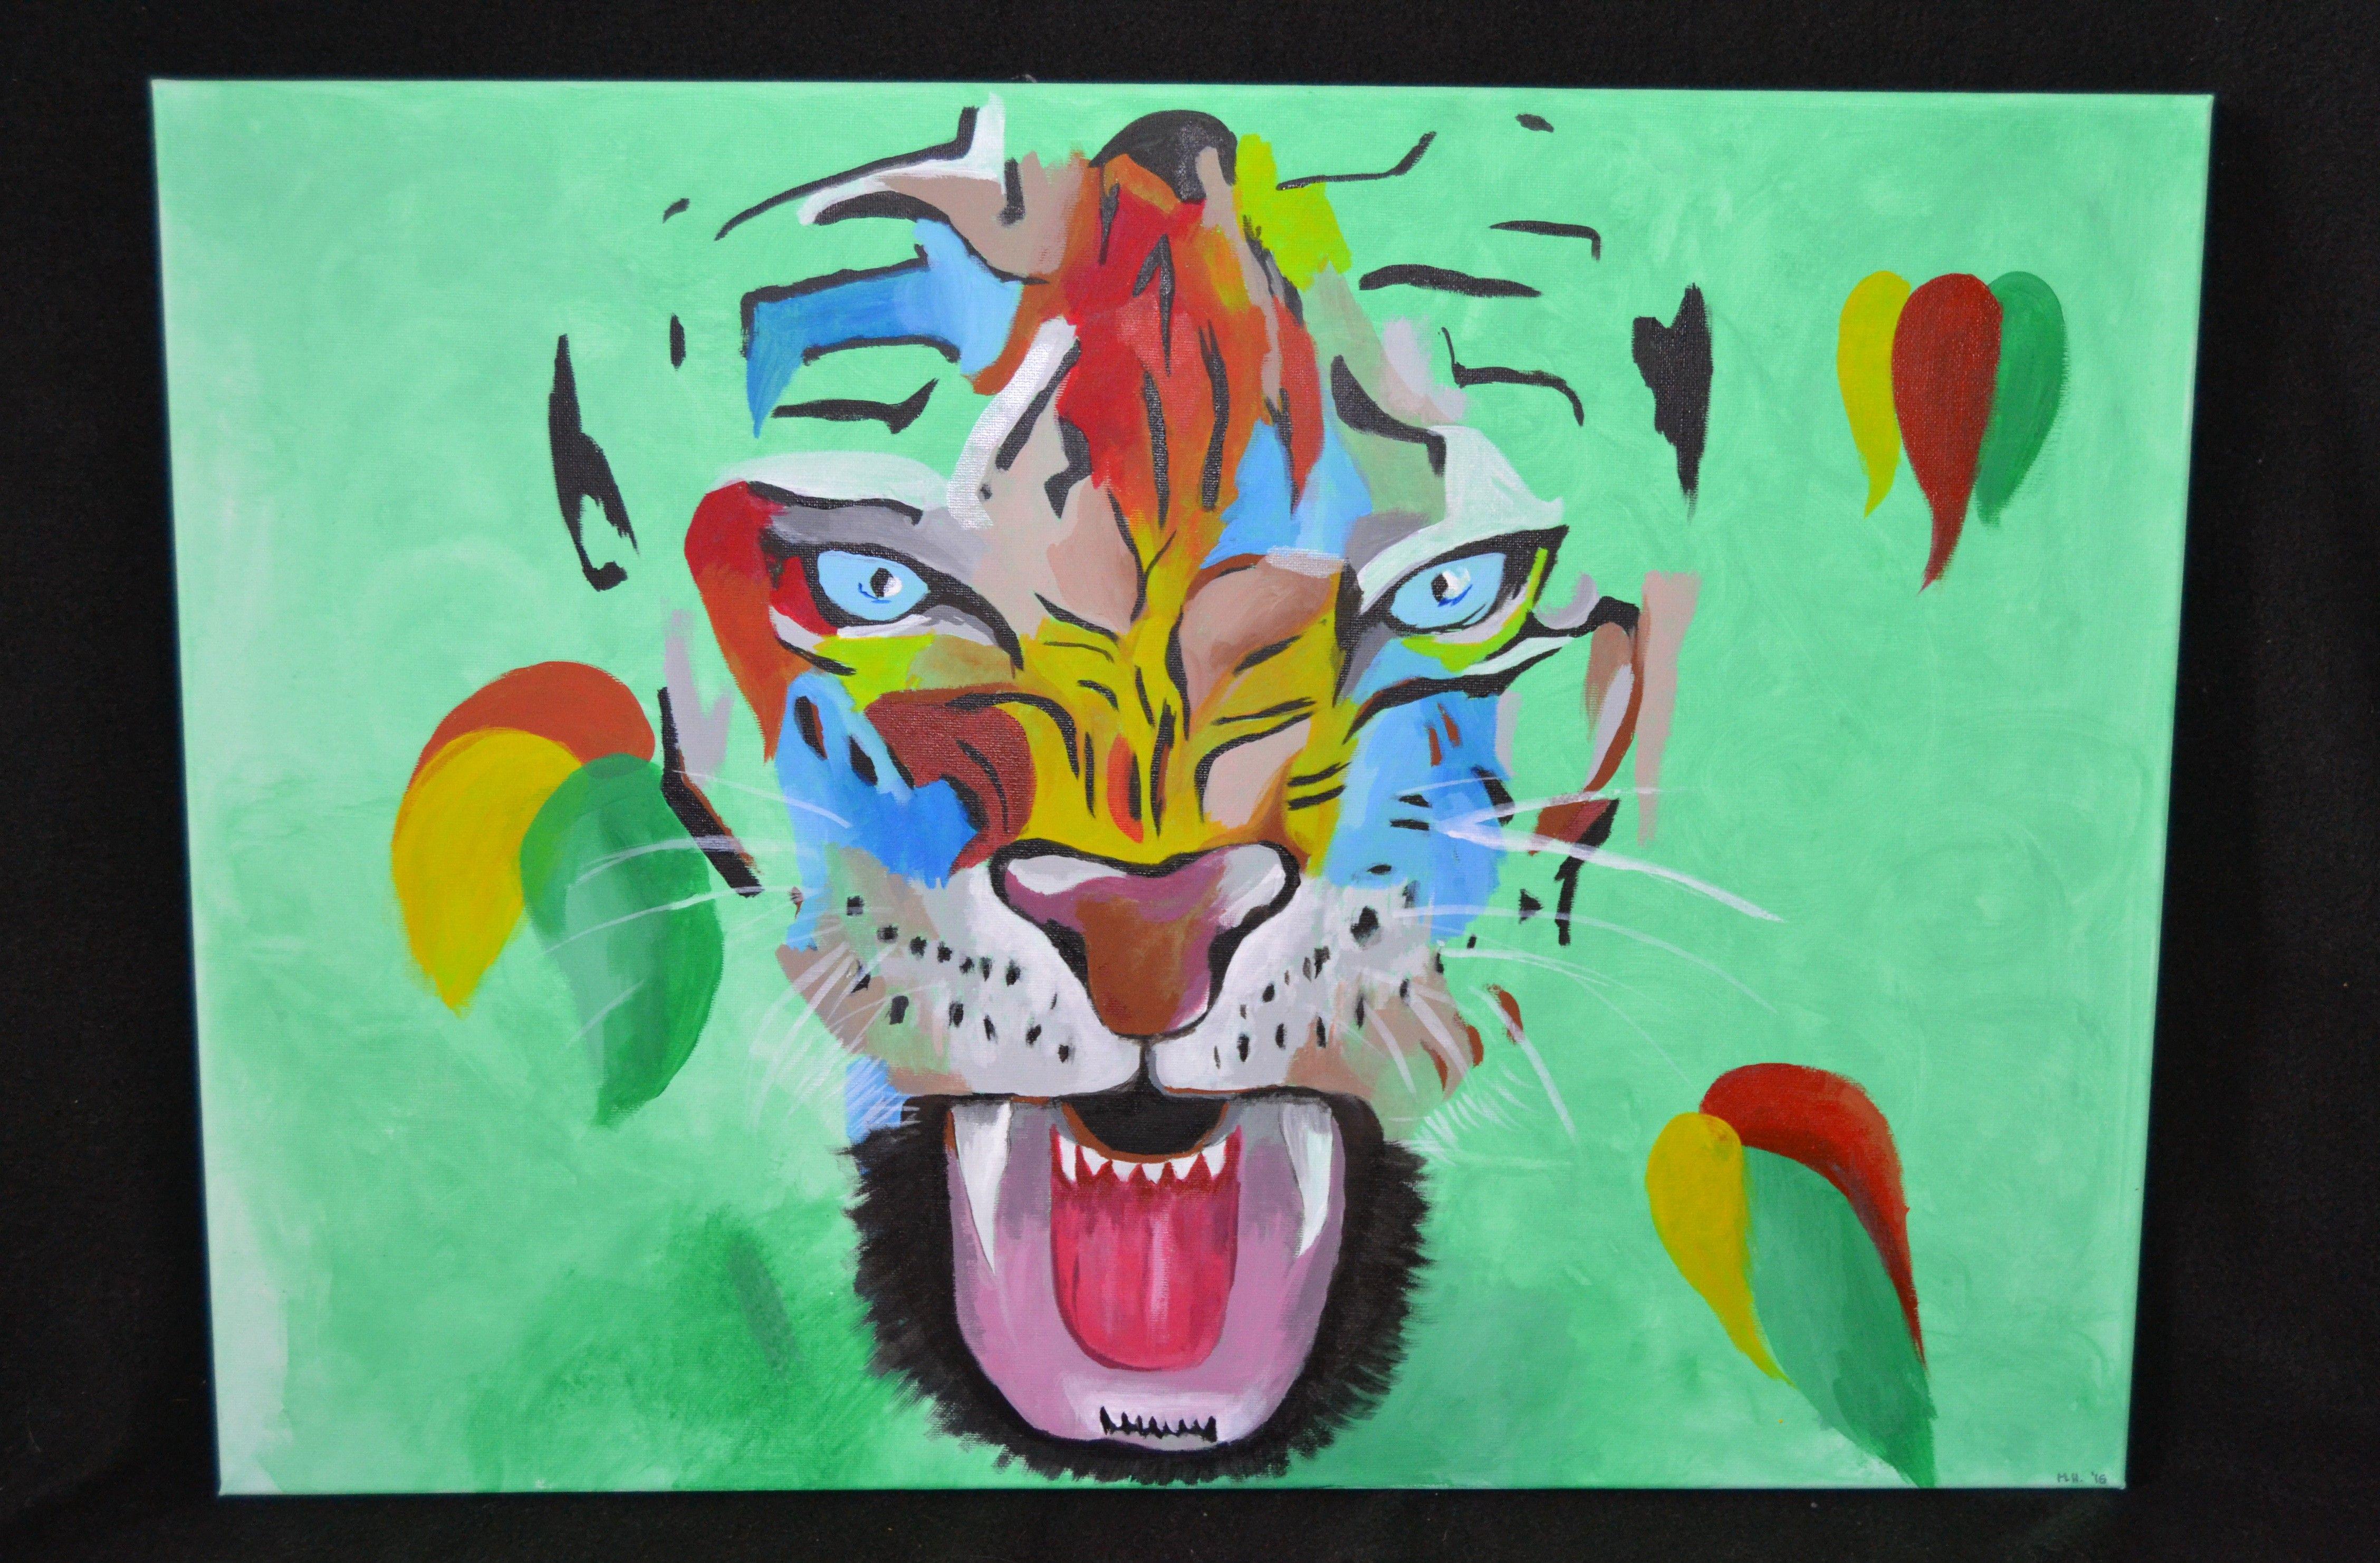 Bunter Tigerkopf // Colorful tiger head